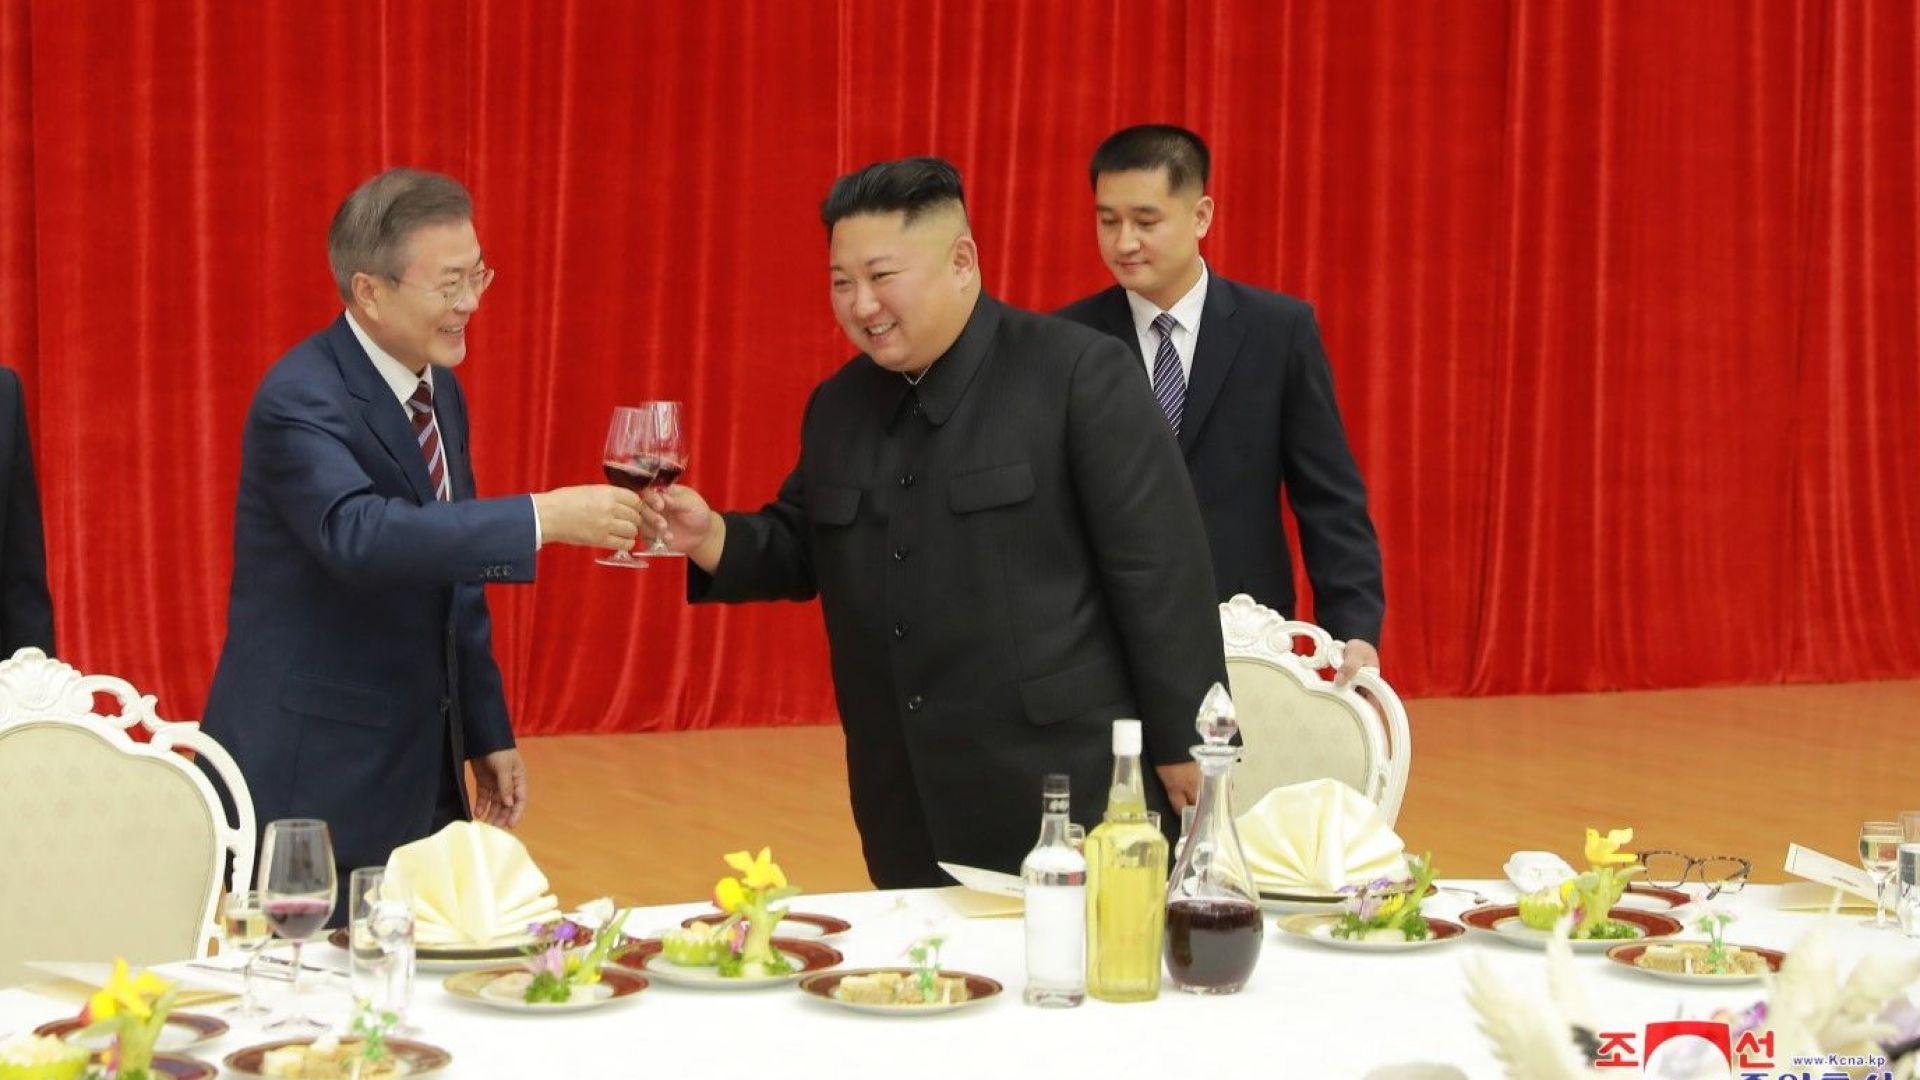 Северна Корея се съгласила да затвори важен ядрен обект